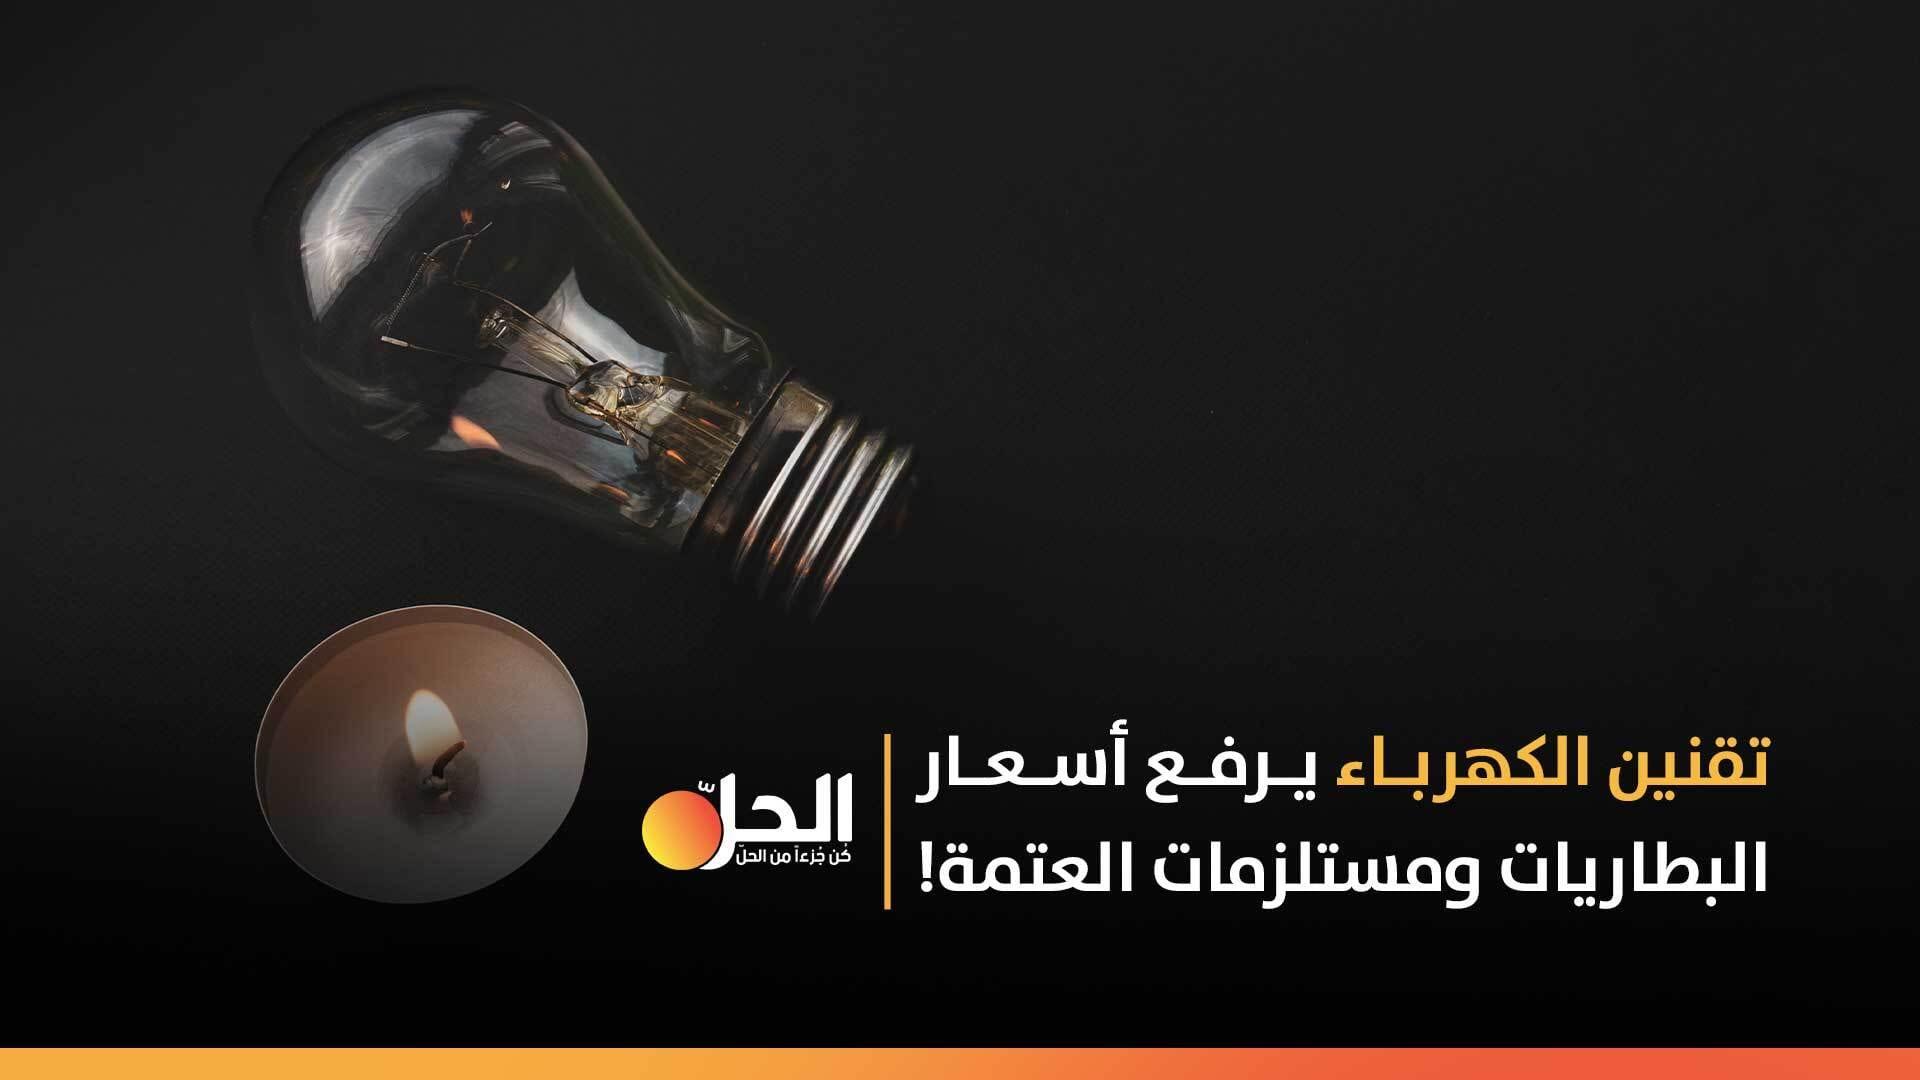 تقنين الكهرباء يرفع أسعار البطاريات ومستلزمات العتمة!